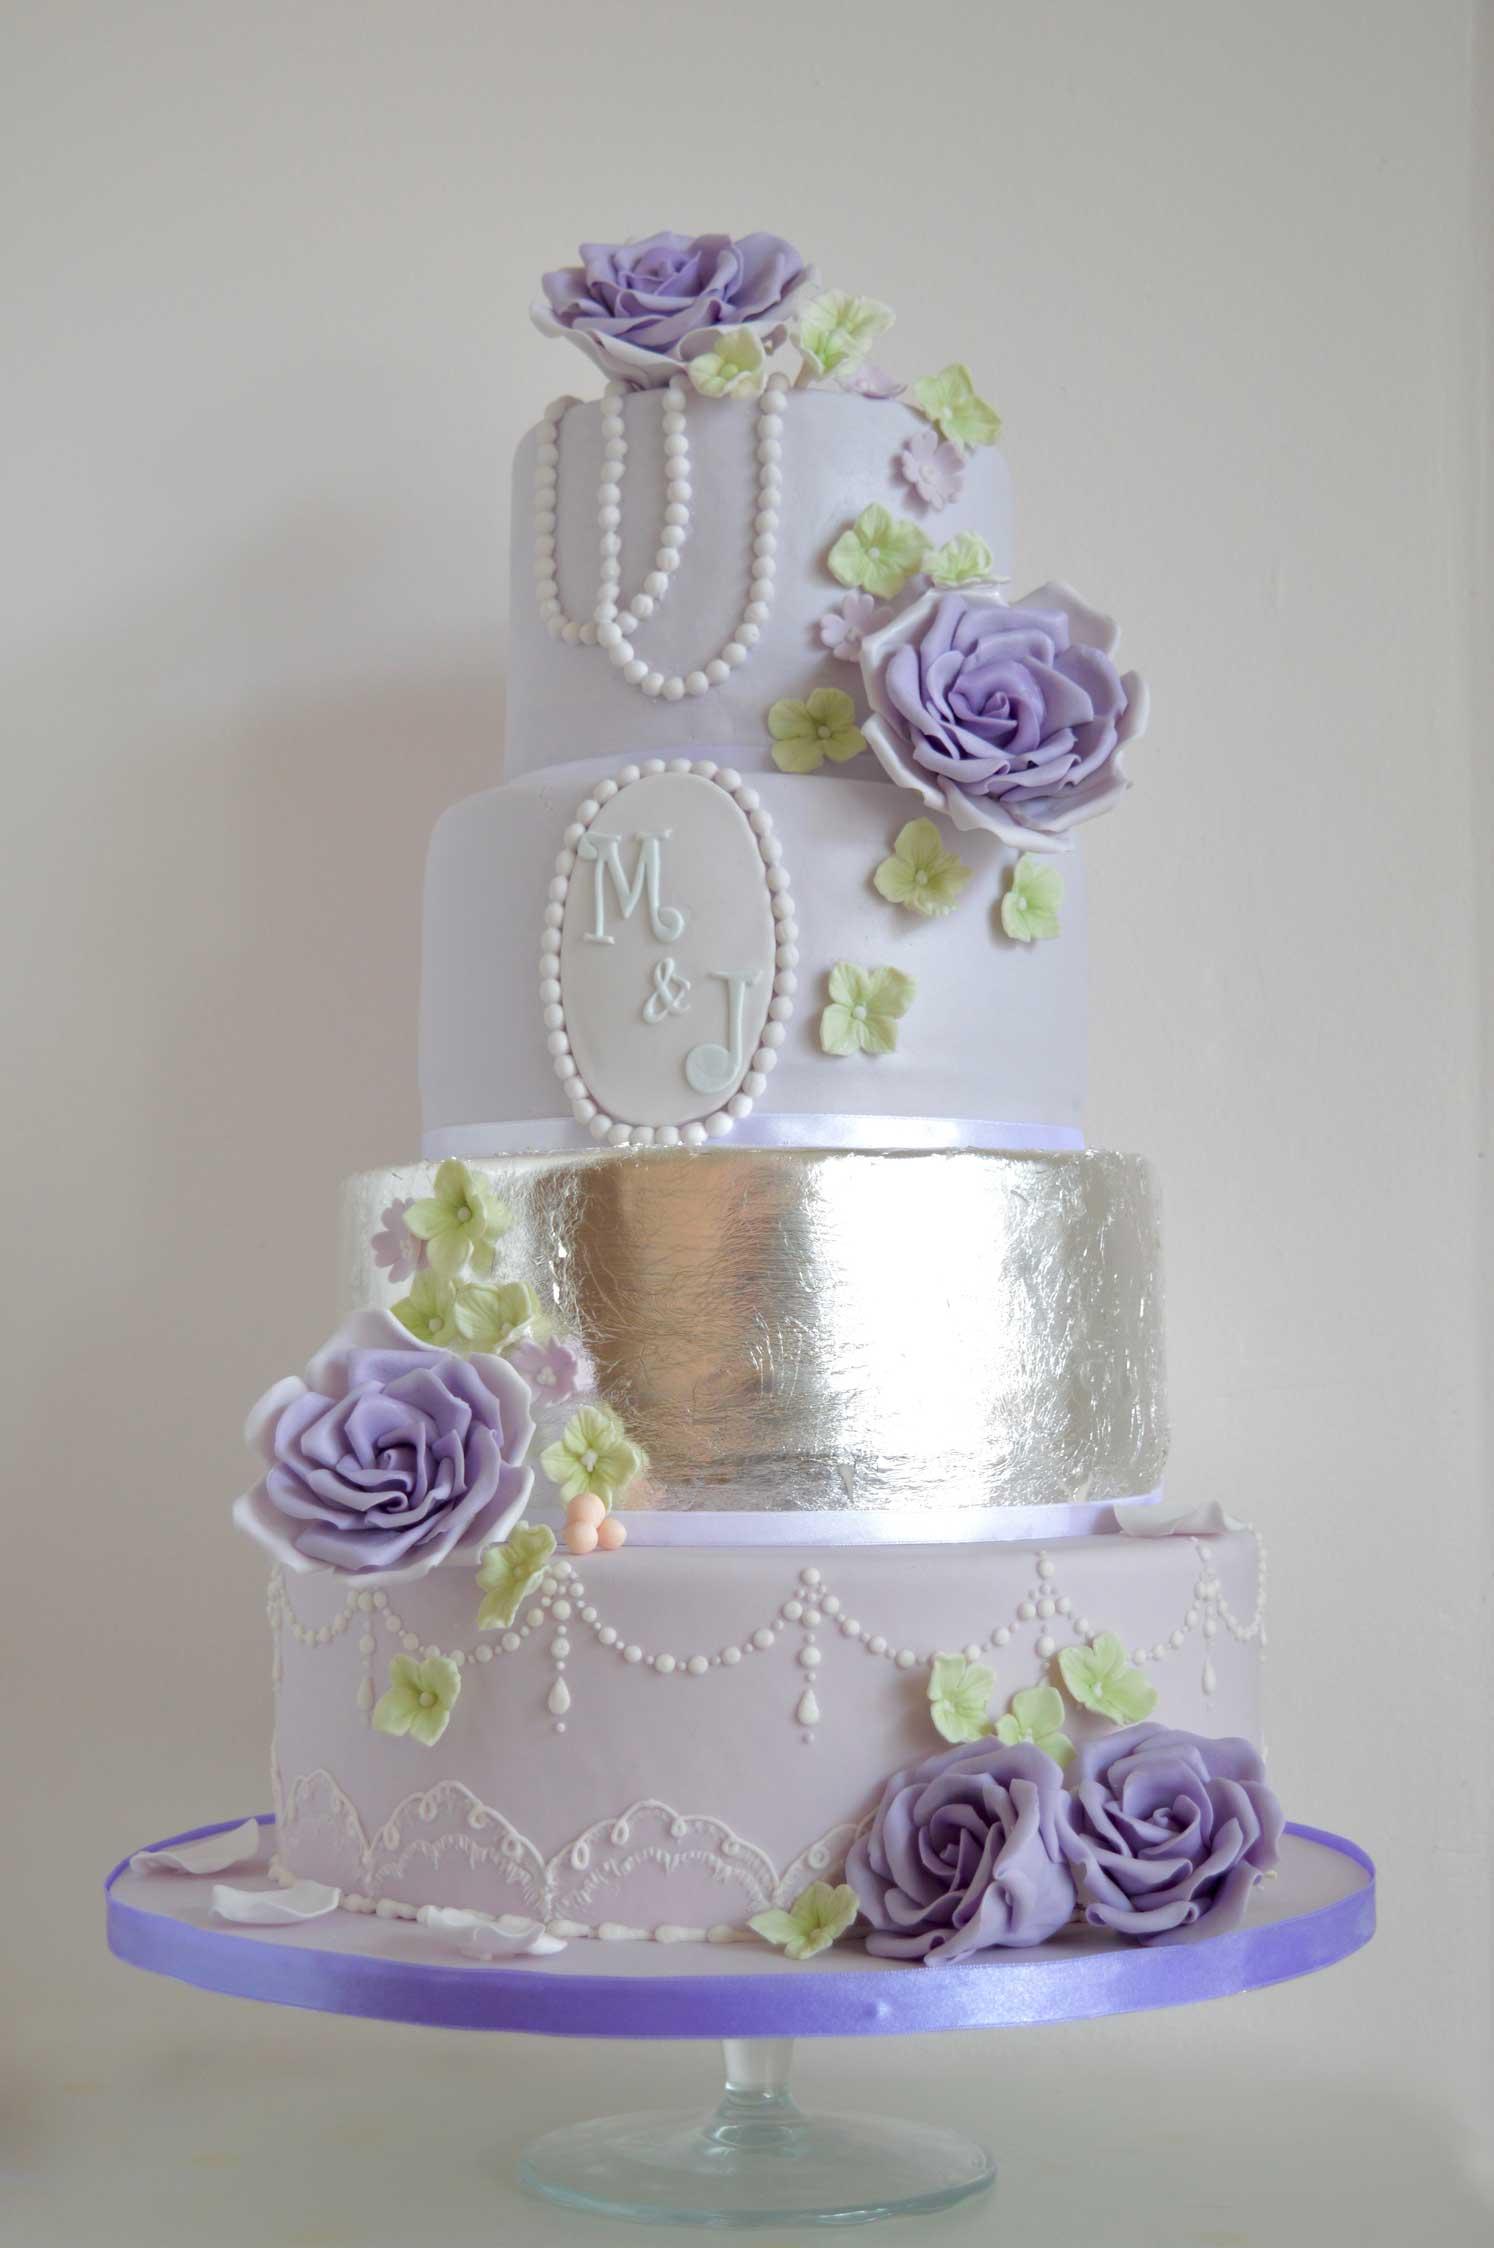 trouwtaart-met-silver-blad-paars-suiker-rozen-en-vintage-details